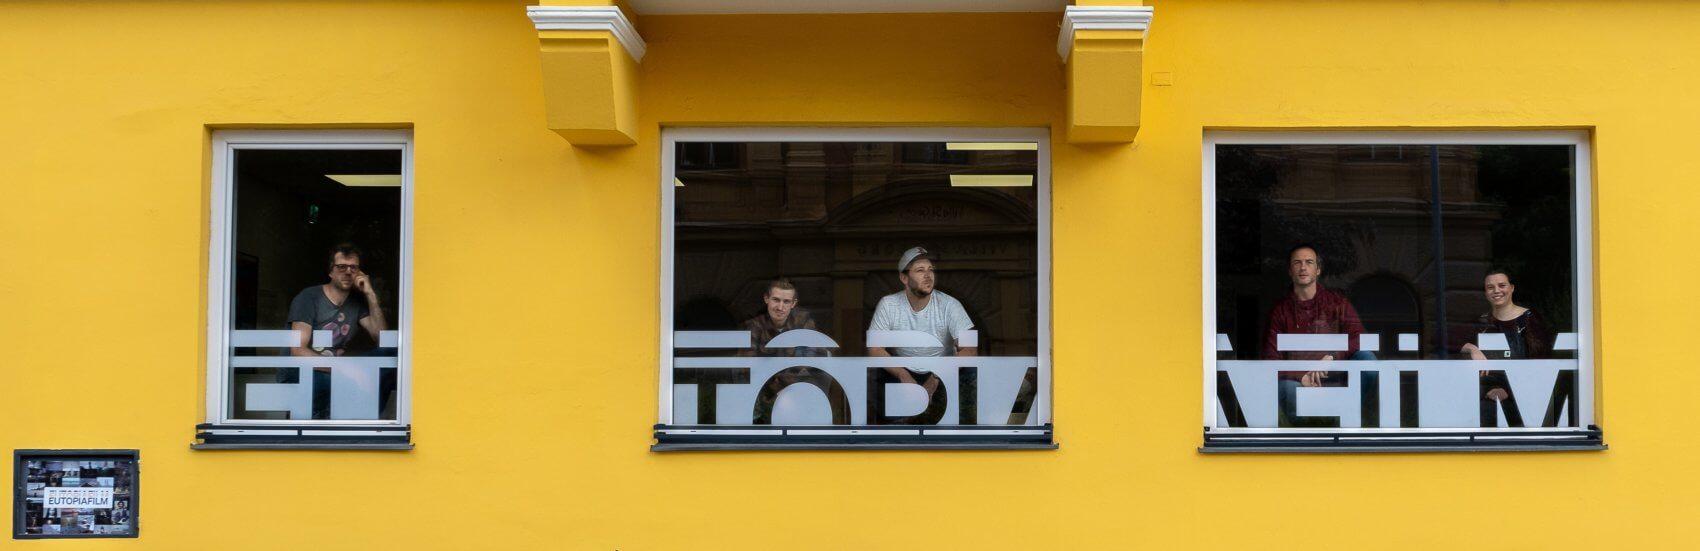 Im Headquarter im Innsbrucker Stadtteil Saggen ist das Team von Eutopiafilm beheimatet